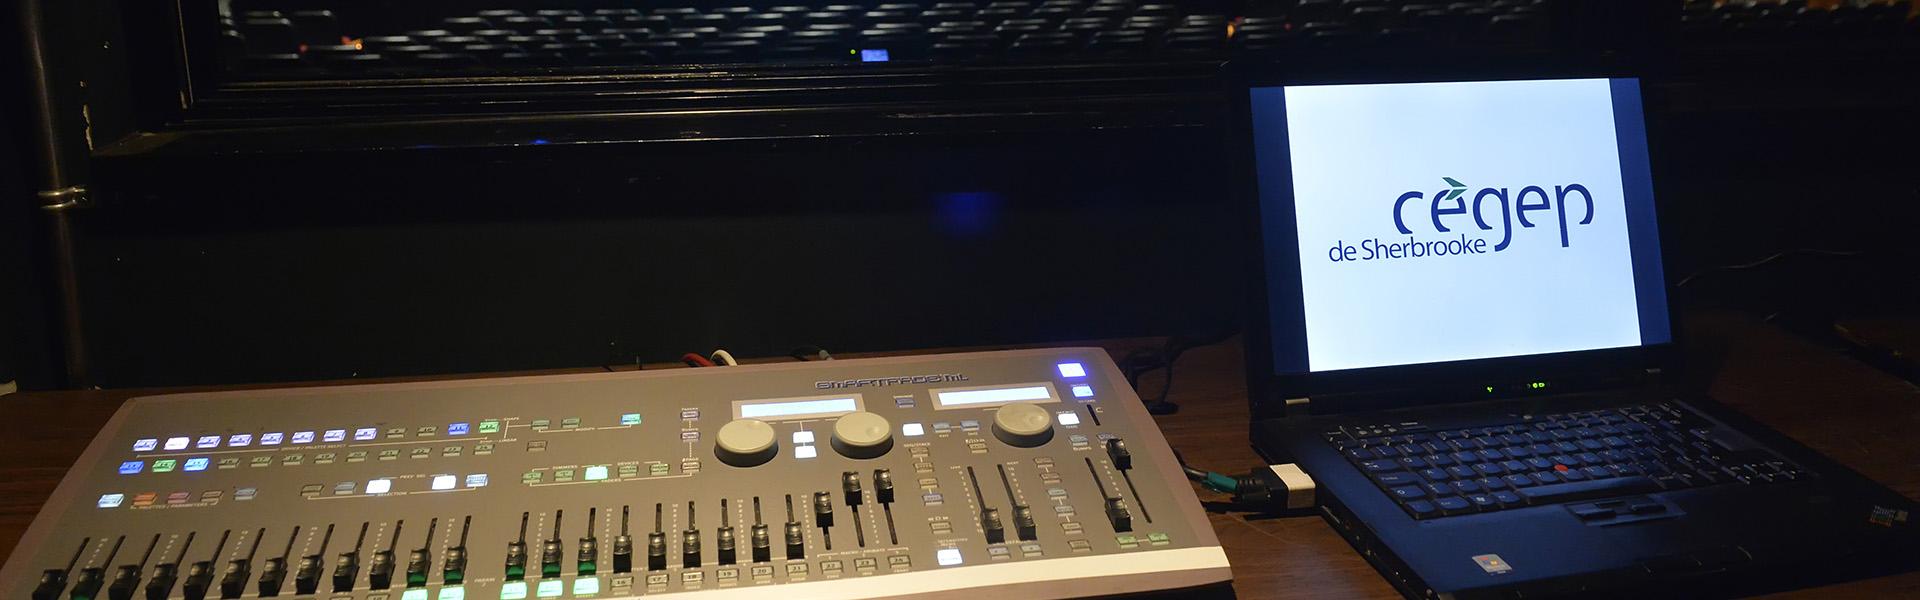 Console d'éclairage fournie avec la possibilité de projection sur écran au centre ou à côté de la scène.